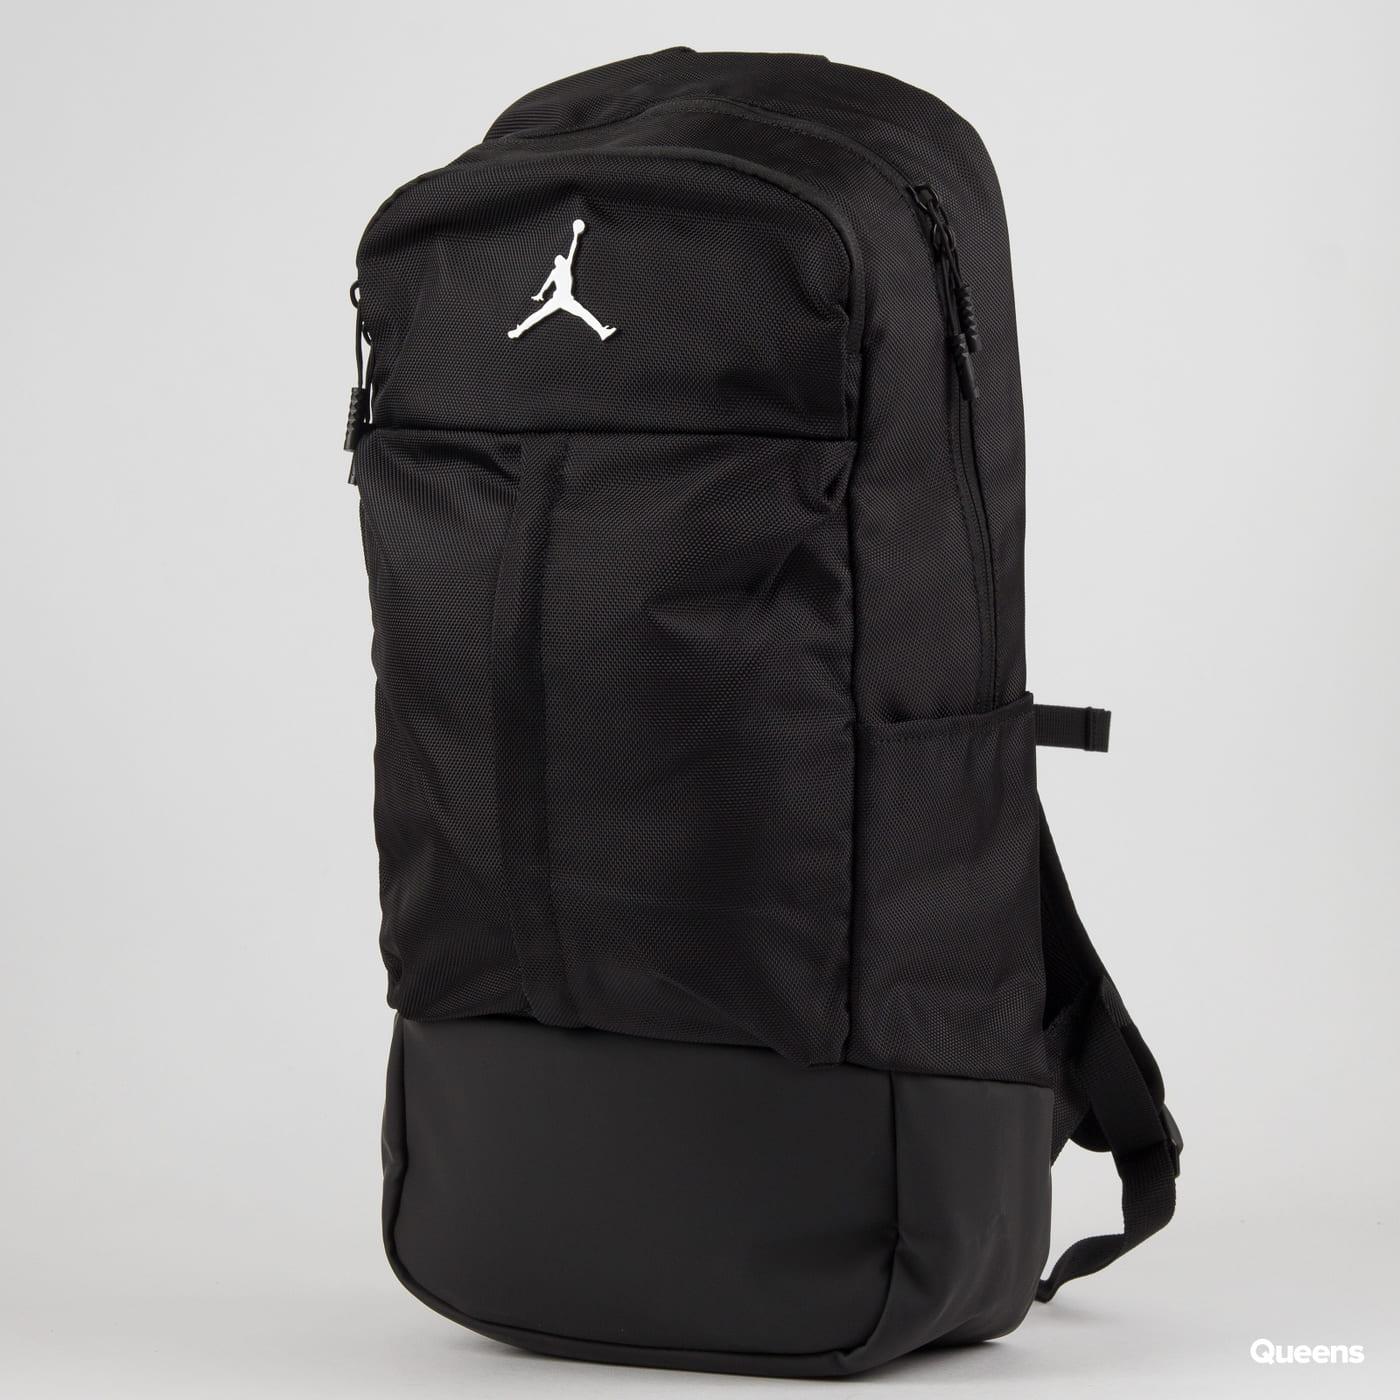 983ba3ee4 Backpack Jordan Air Jordan Fluid Backpack black (9B0166-023) – Queens 💚